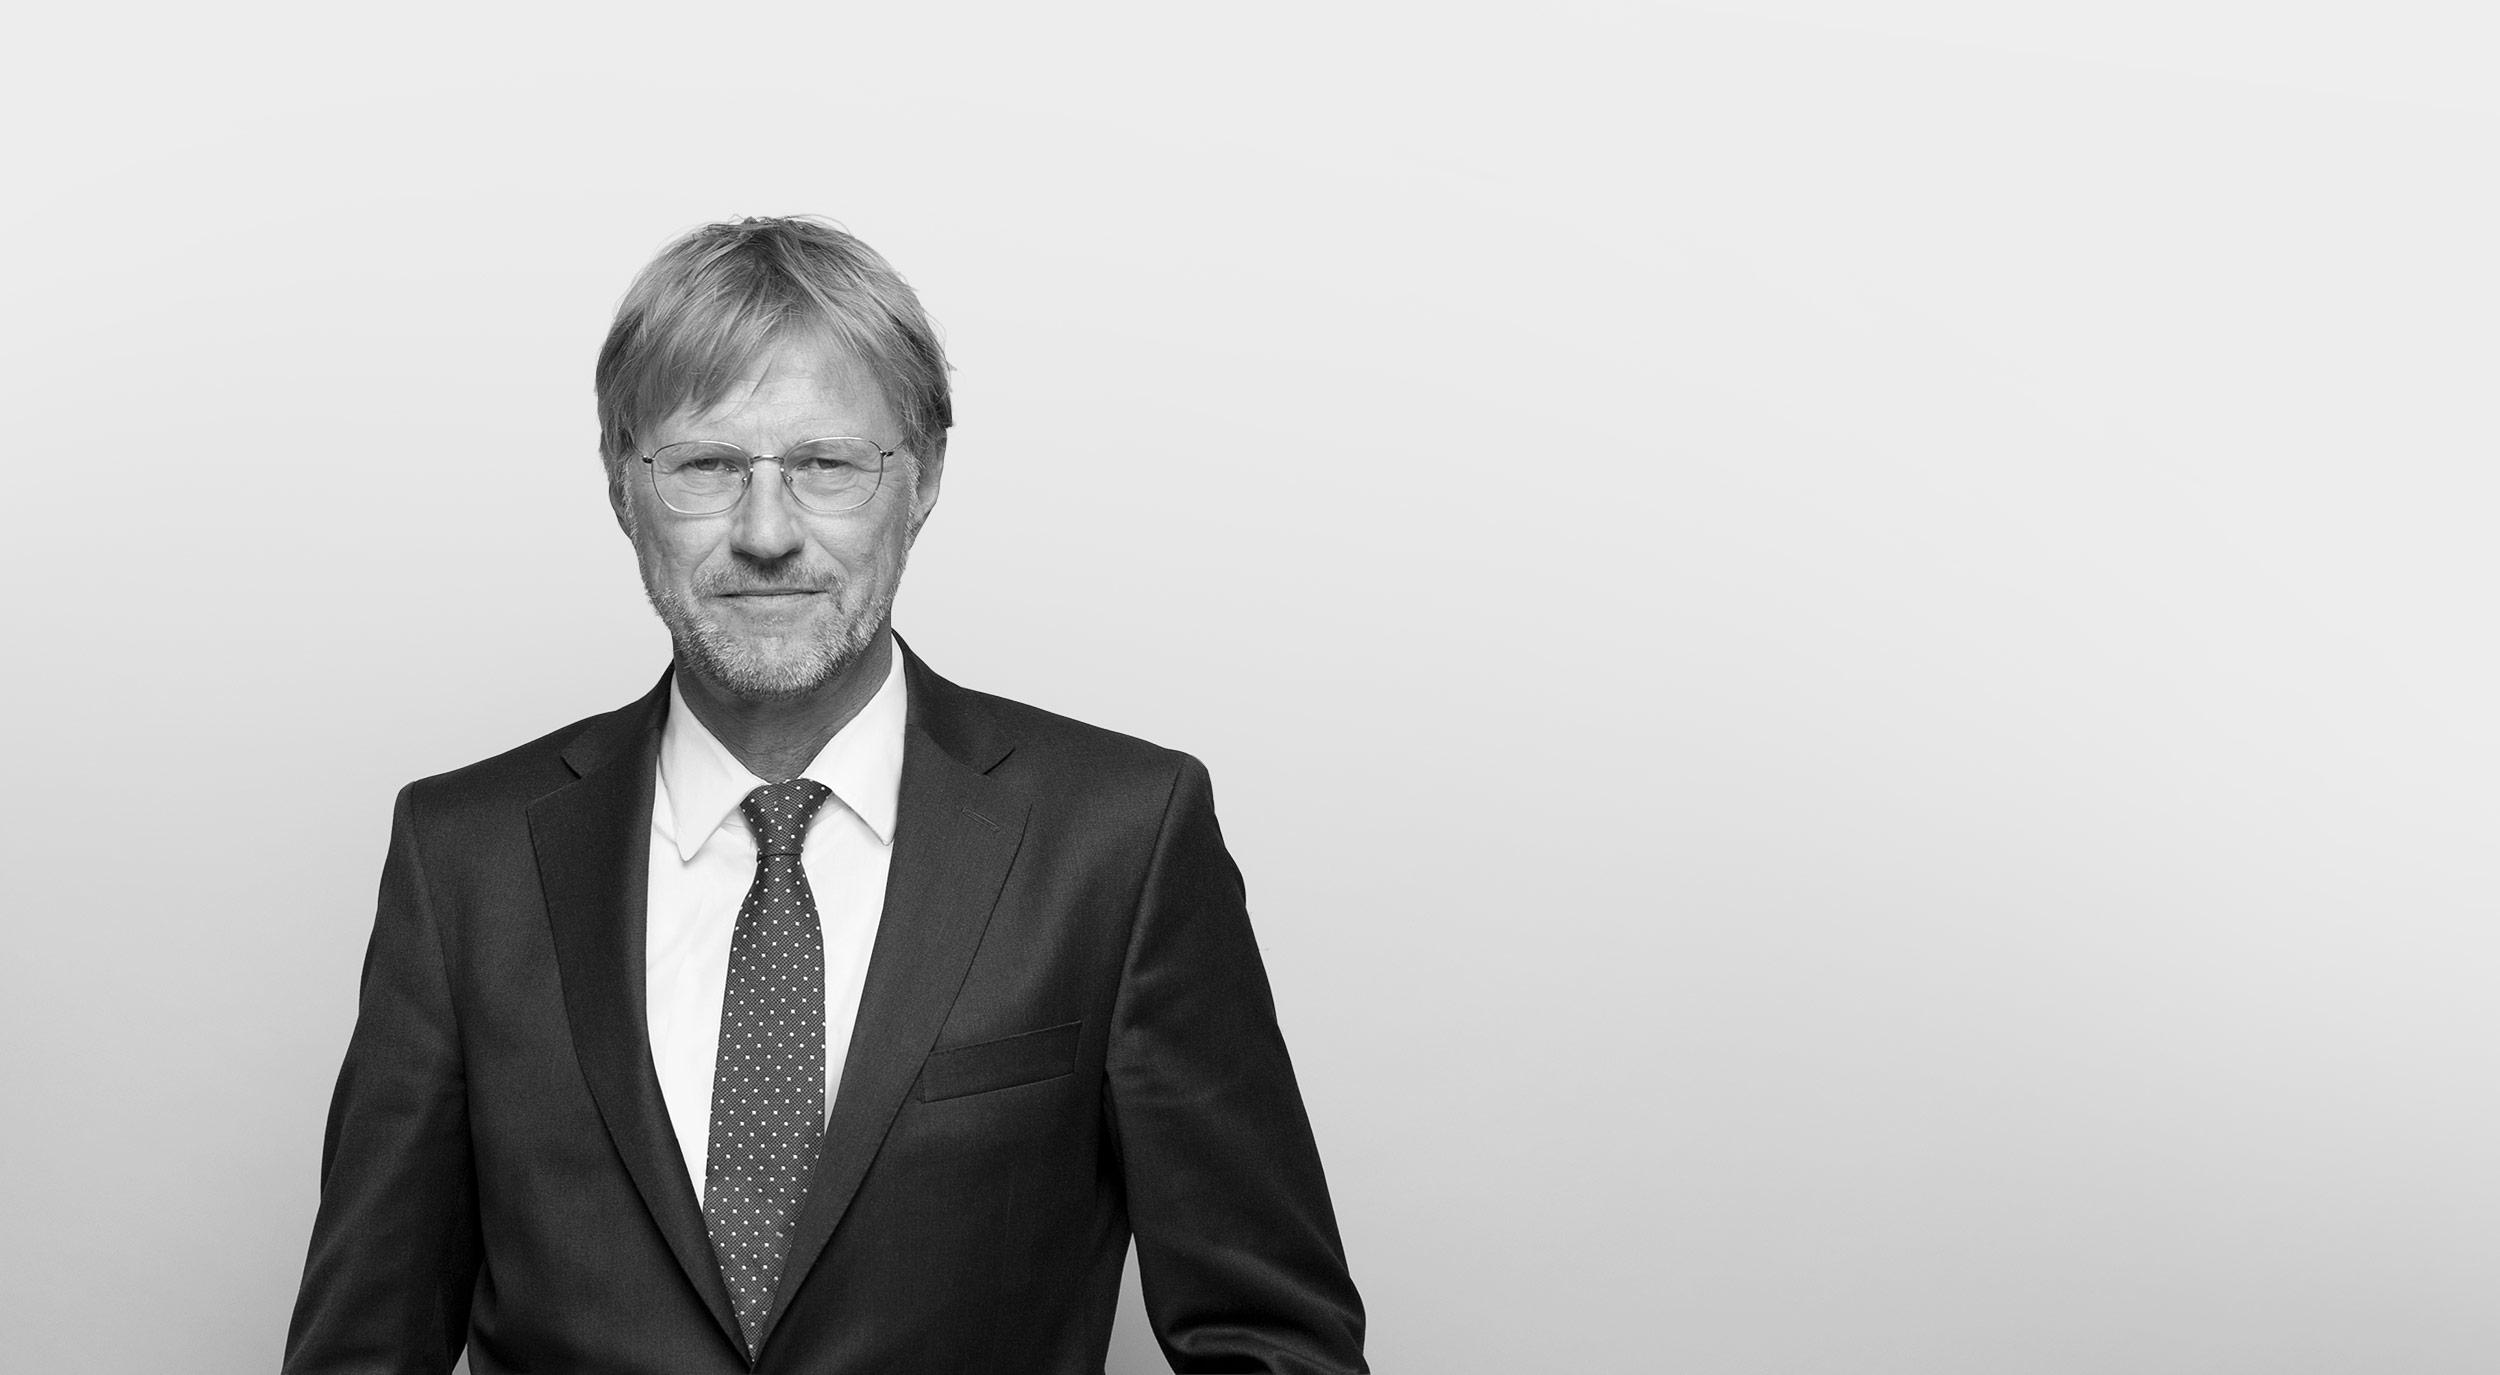 Dr. Torsten Lund